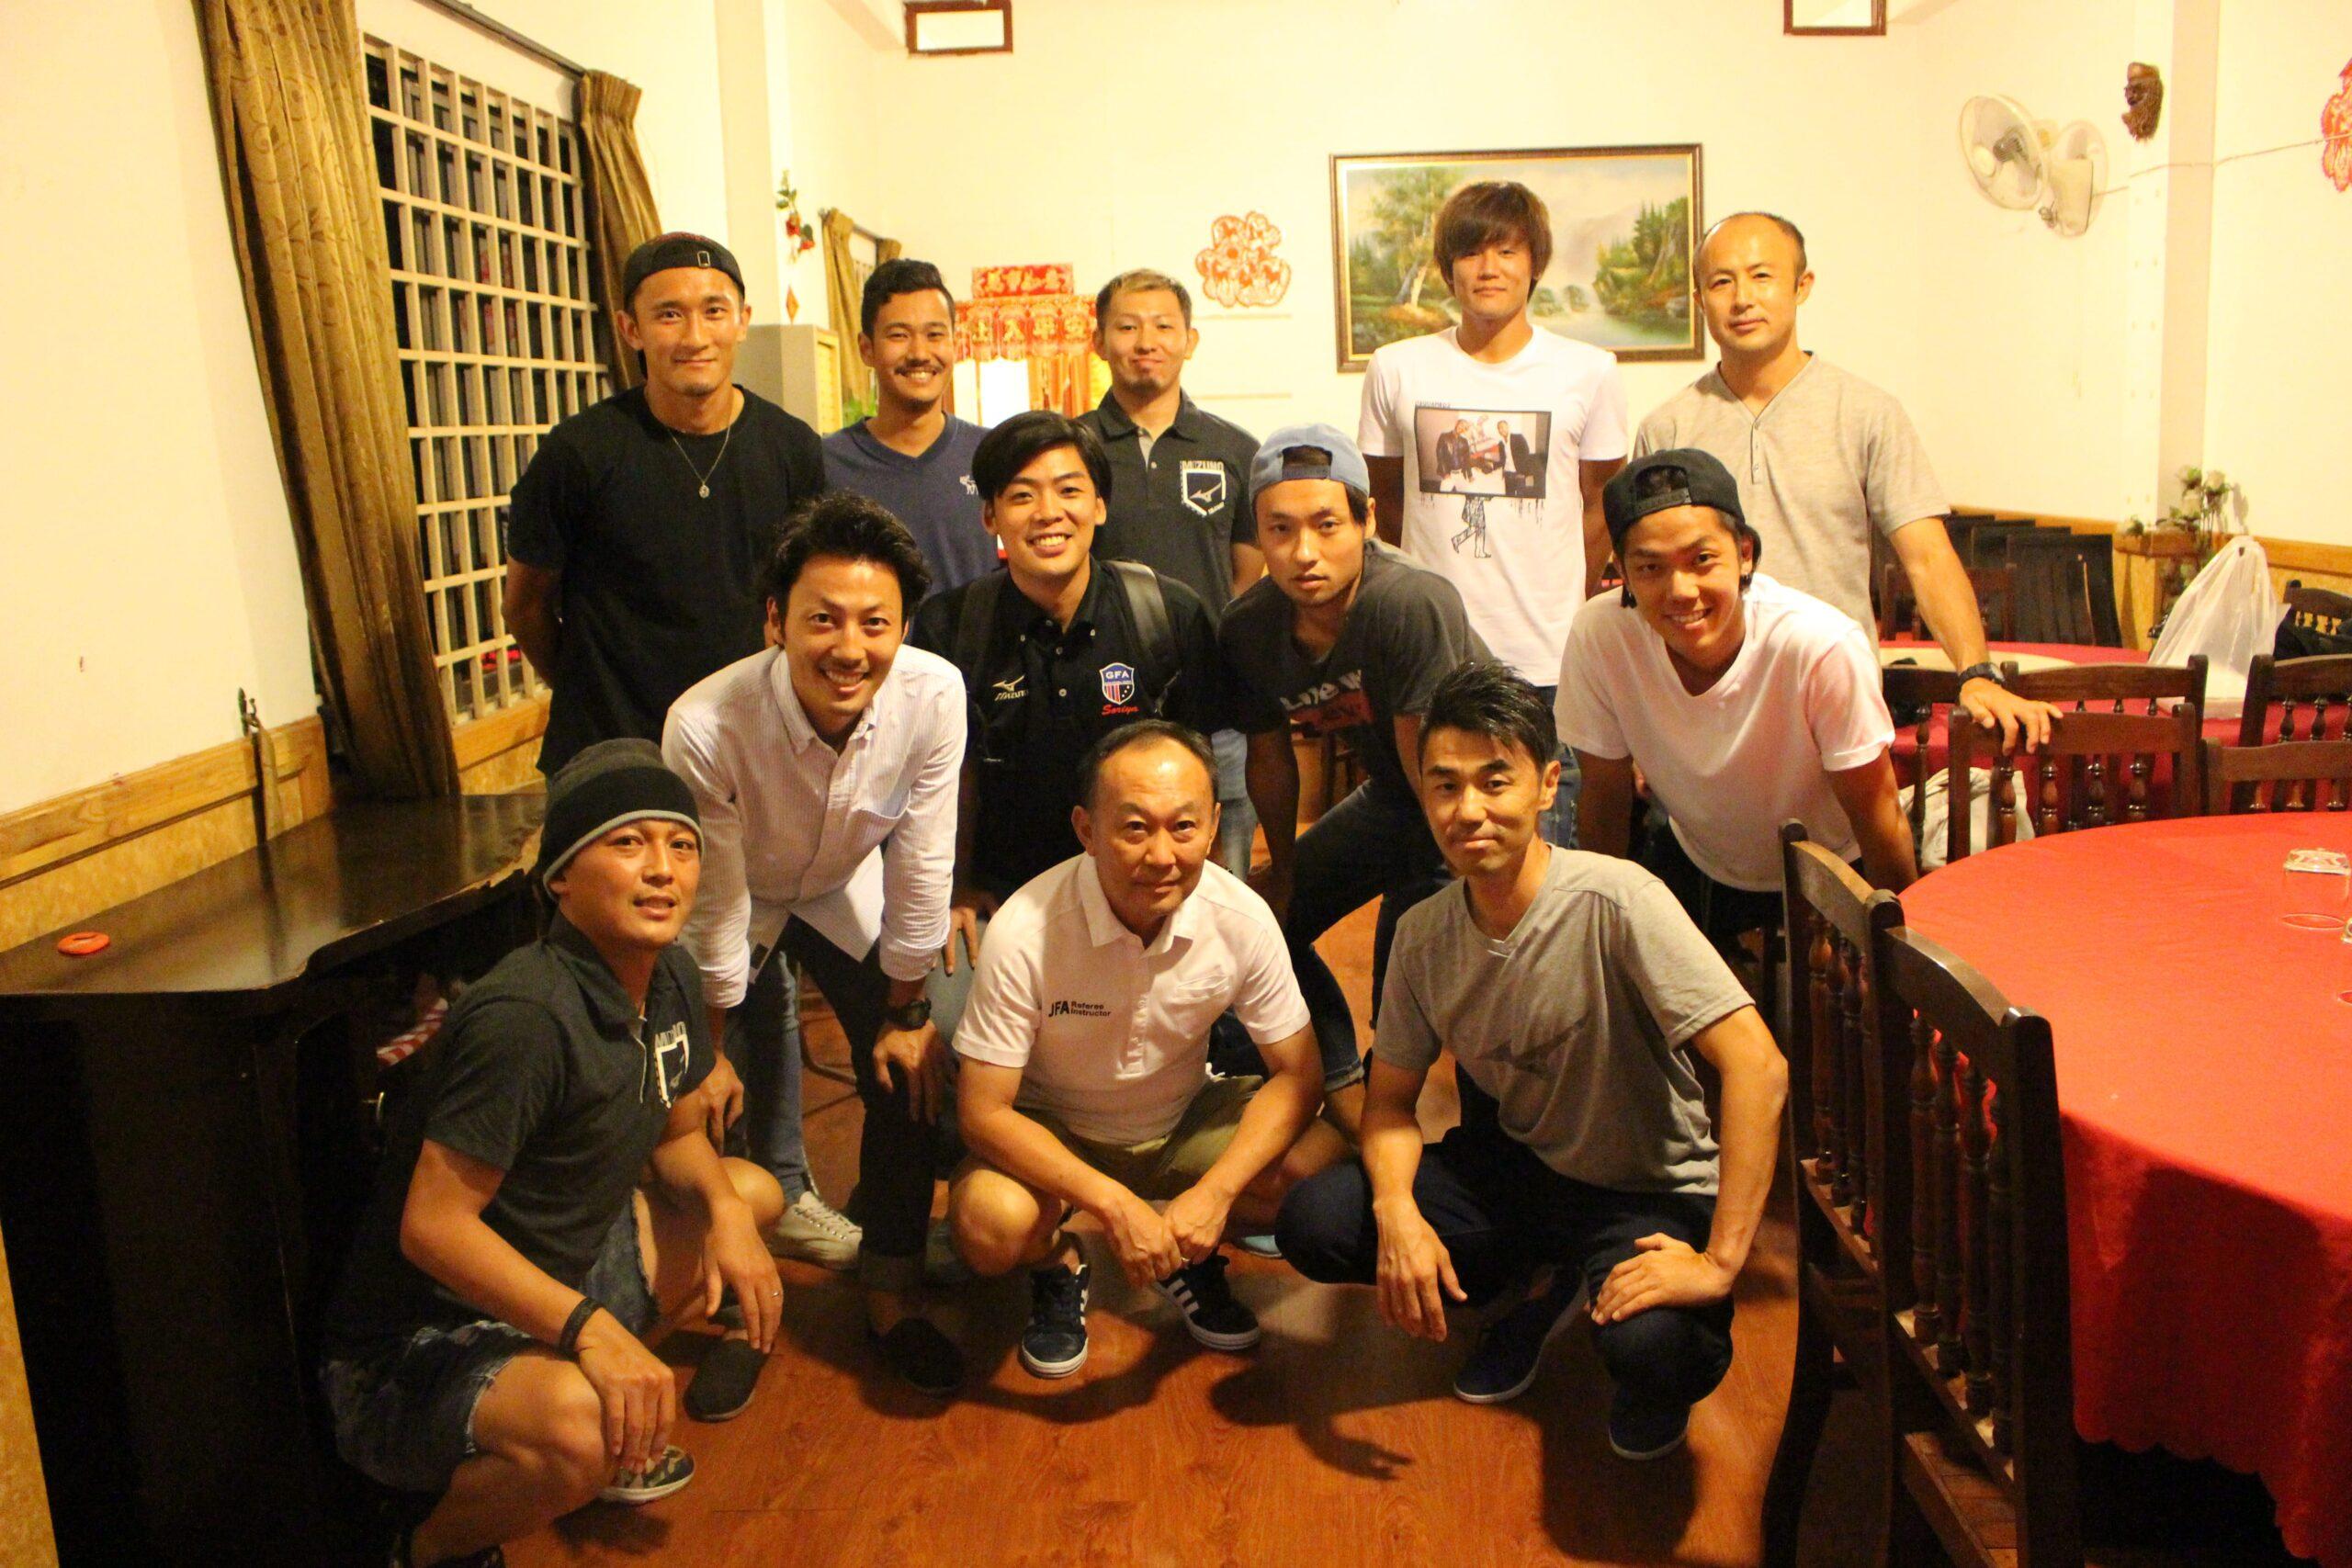 (日本語) 【潜入レポート】カンボジアのサッカーに関わる日本人が集まった「唐木田祭り」開催